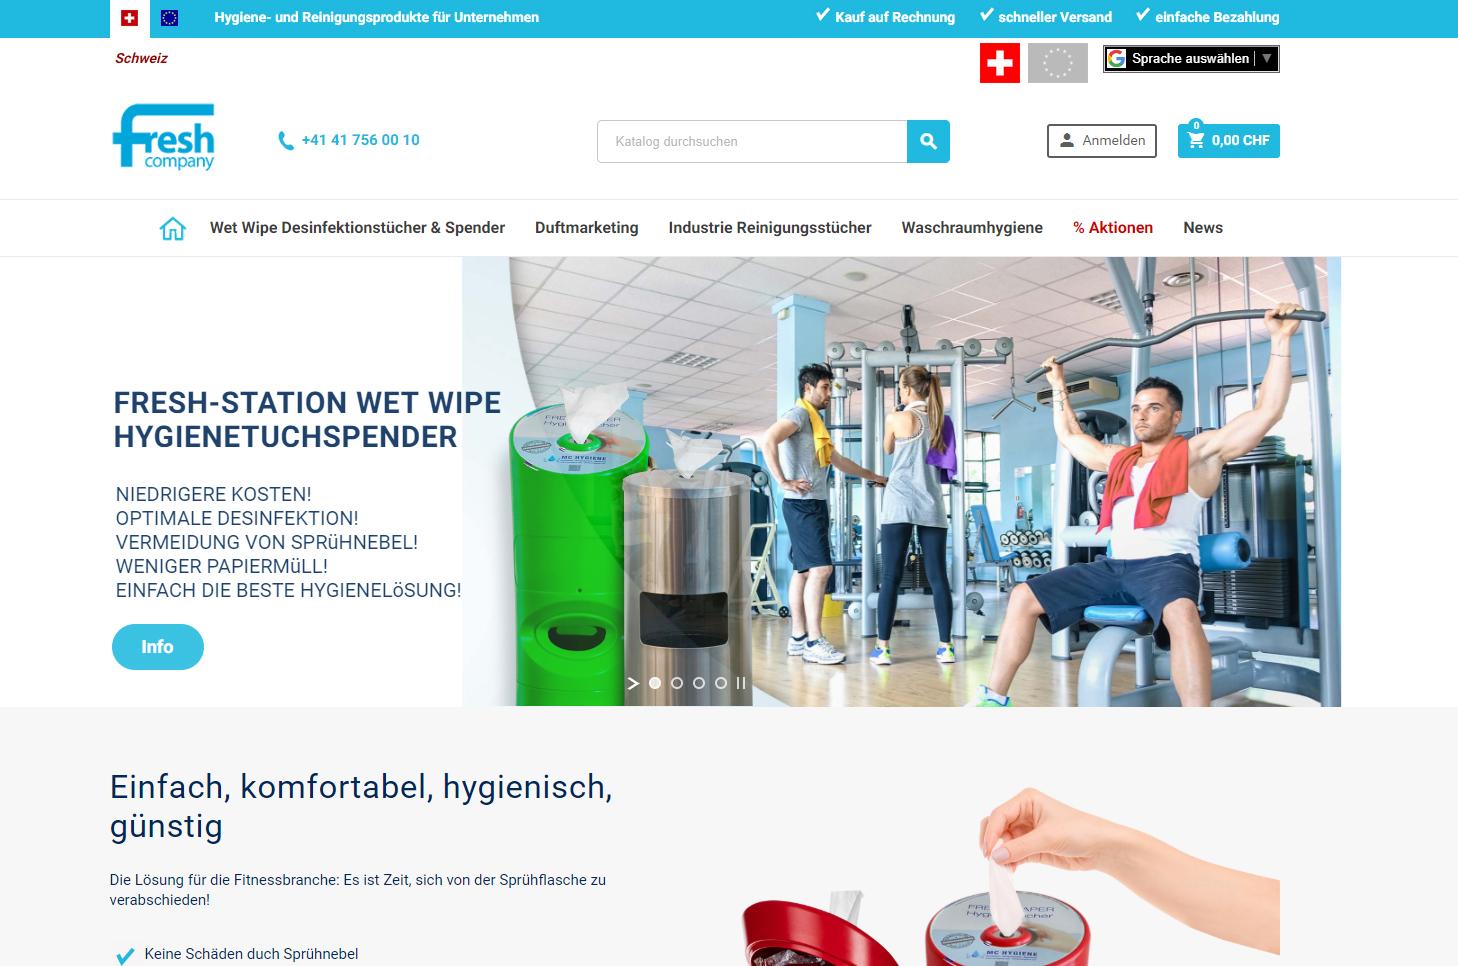 freshcompany, Menzingen